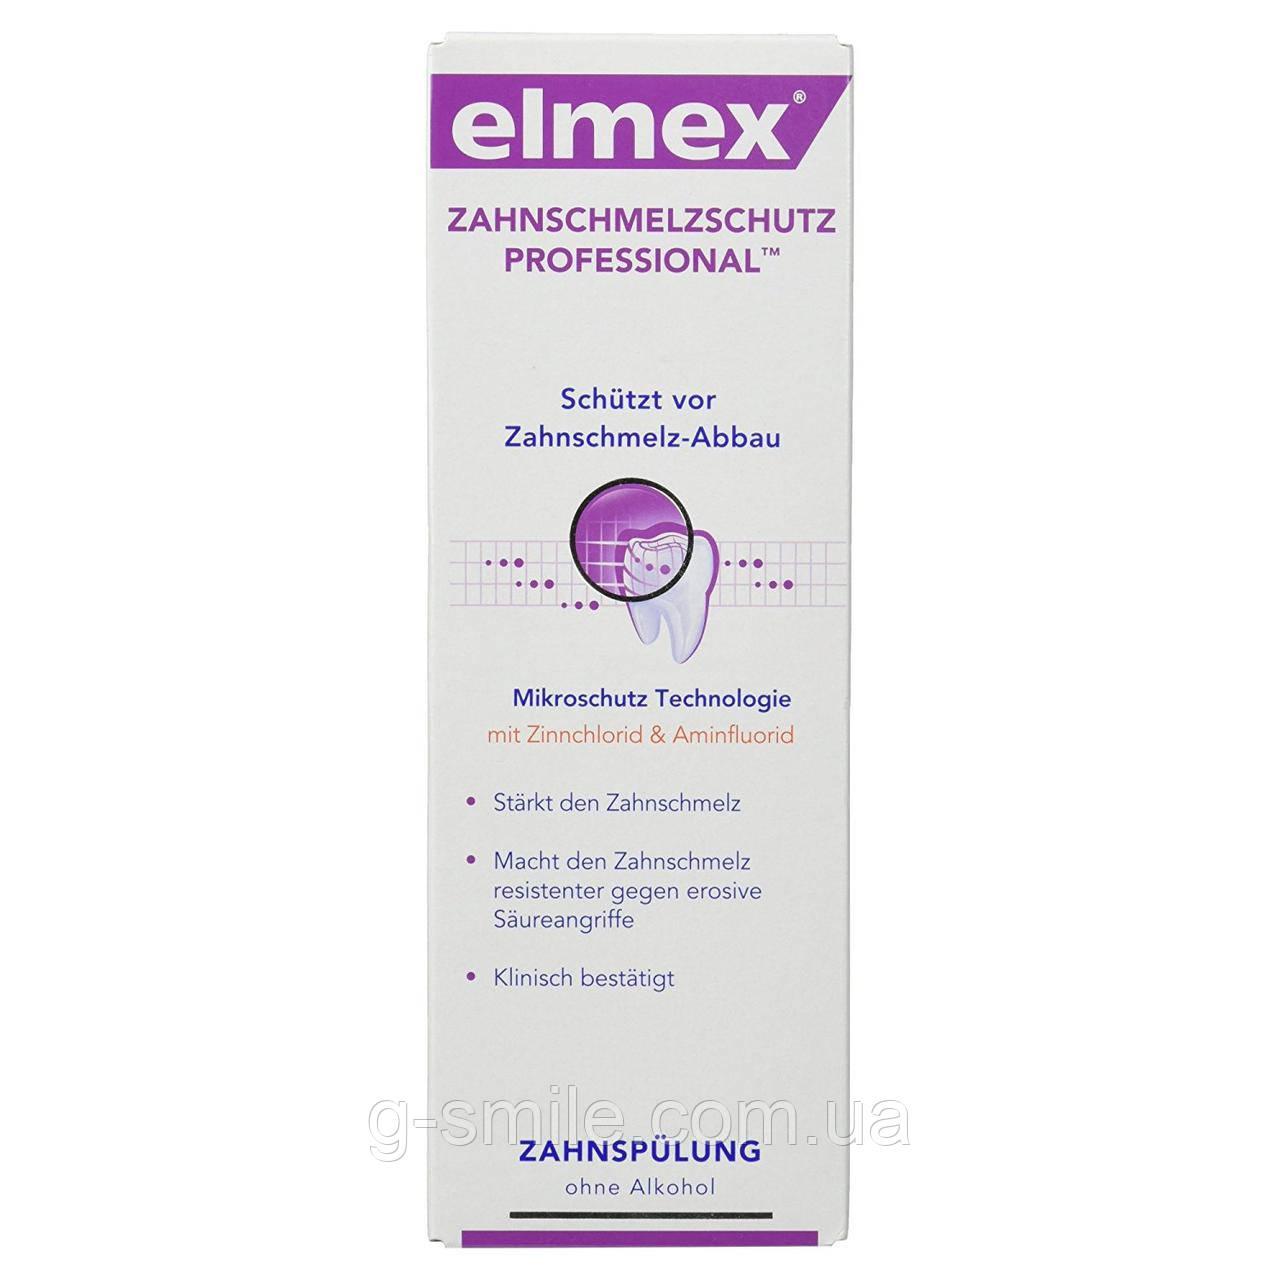 Ополаскиватель для полости рта Elmex Zahnschmelzschutz Professional 400 ml